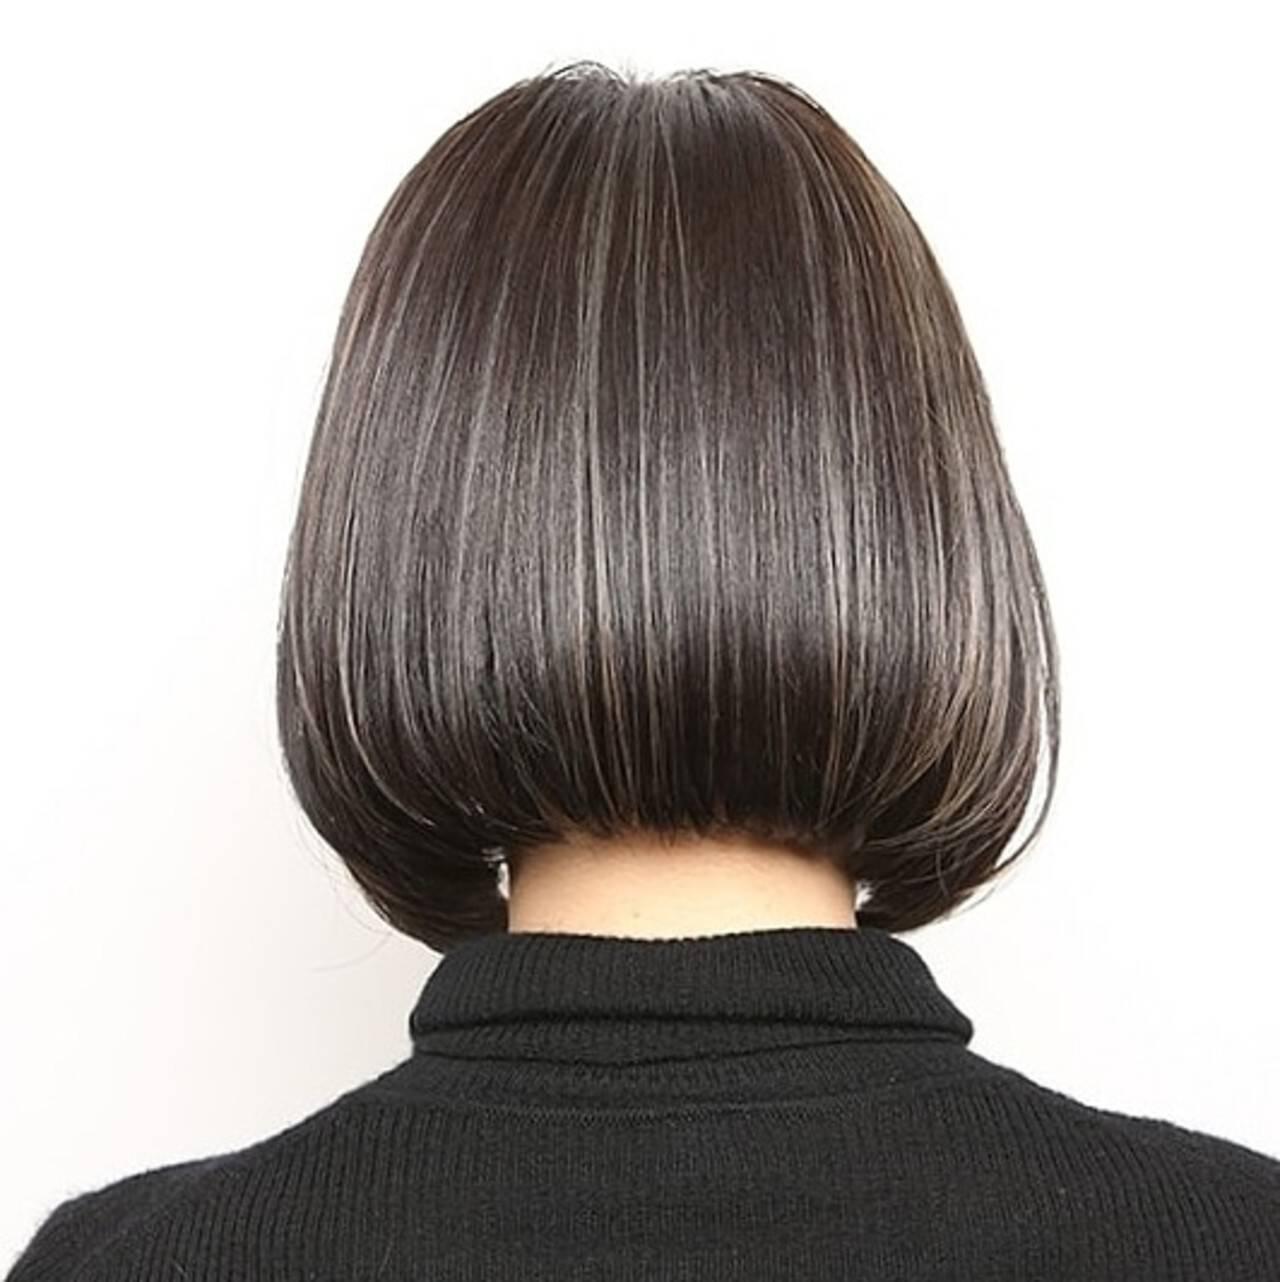 阿藤俊也 ハンサムボブ 似合わせカット モードヘアスタイルや髪型の写真・画像